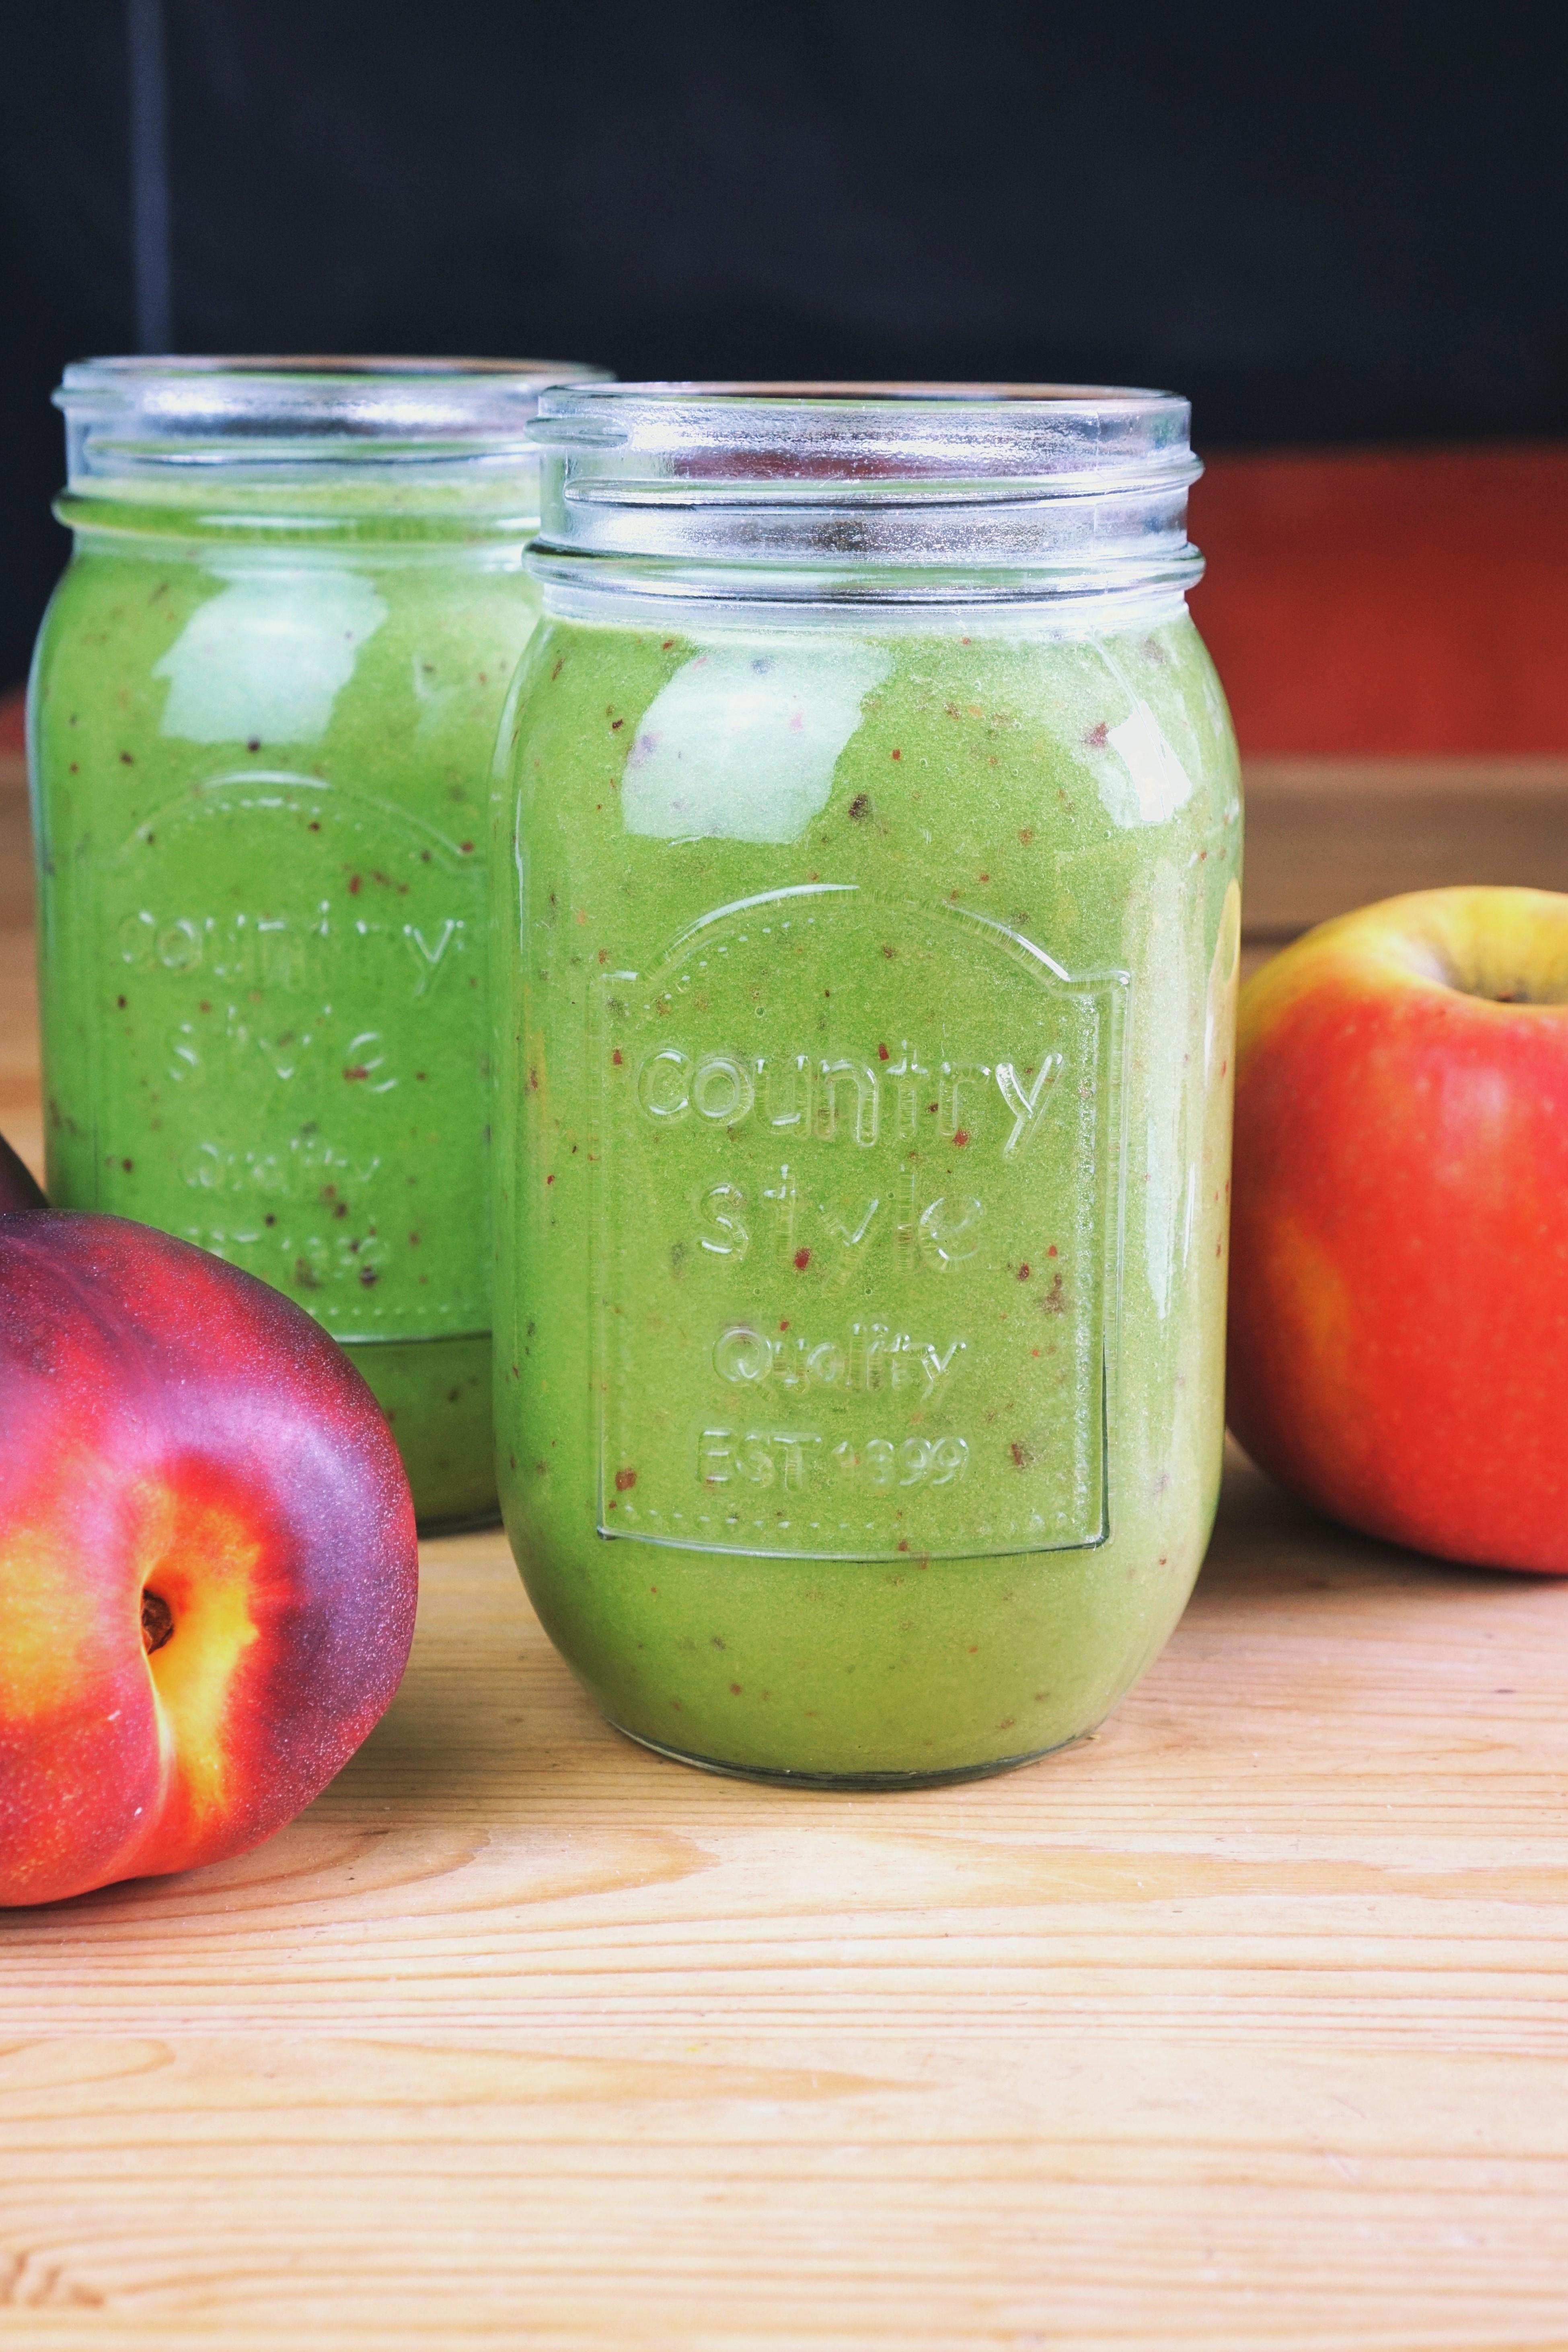 2 grüne Smoothies im Glas neben Nektarinen und einem Apfel.